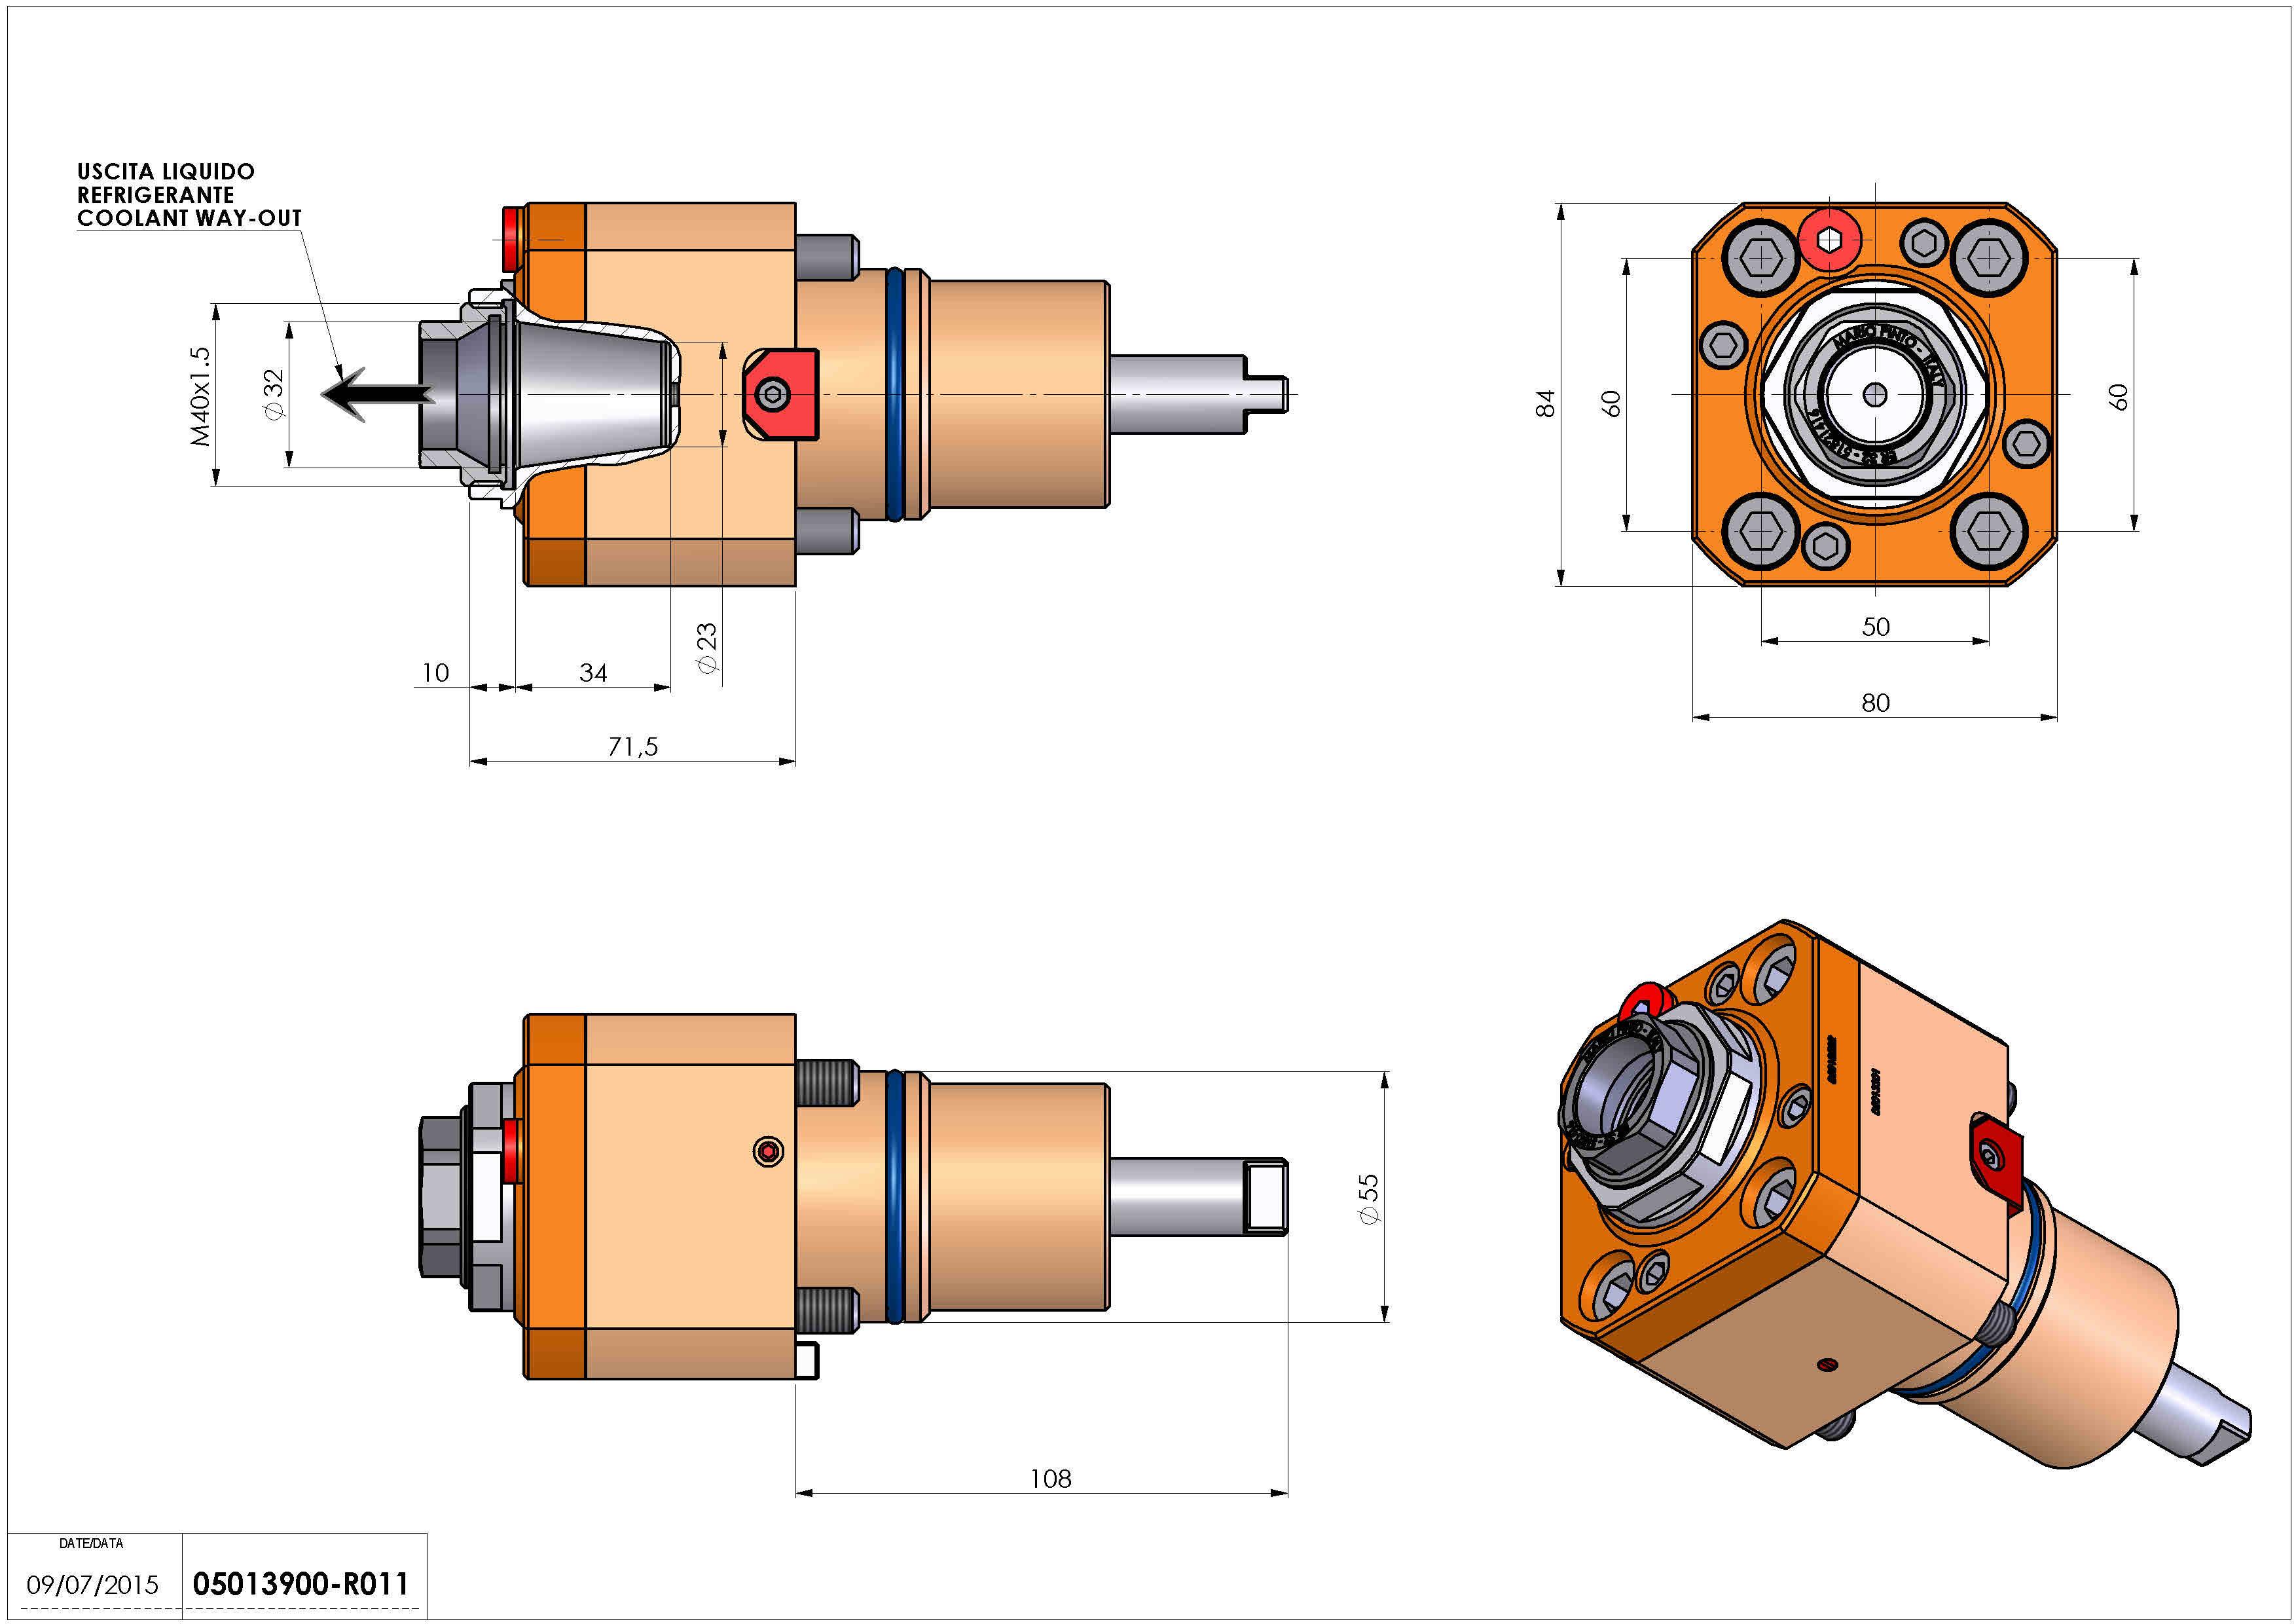 Technical image - LT-S D55 ER32F HRF H72.